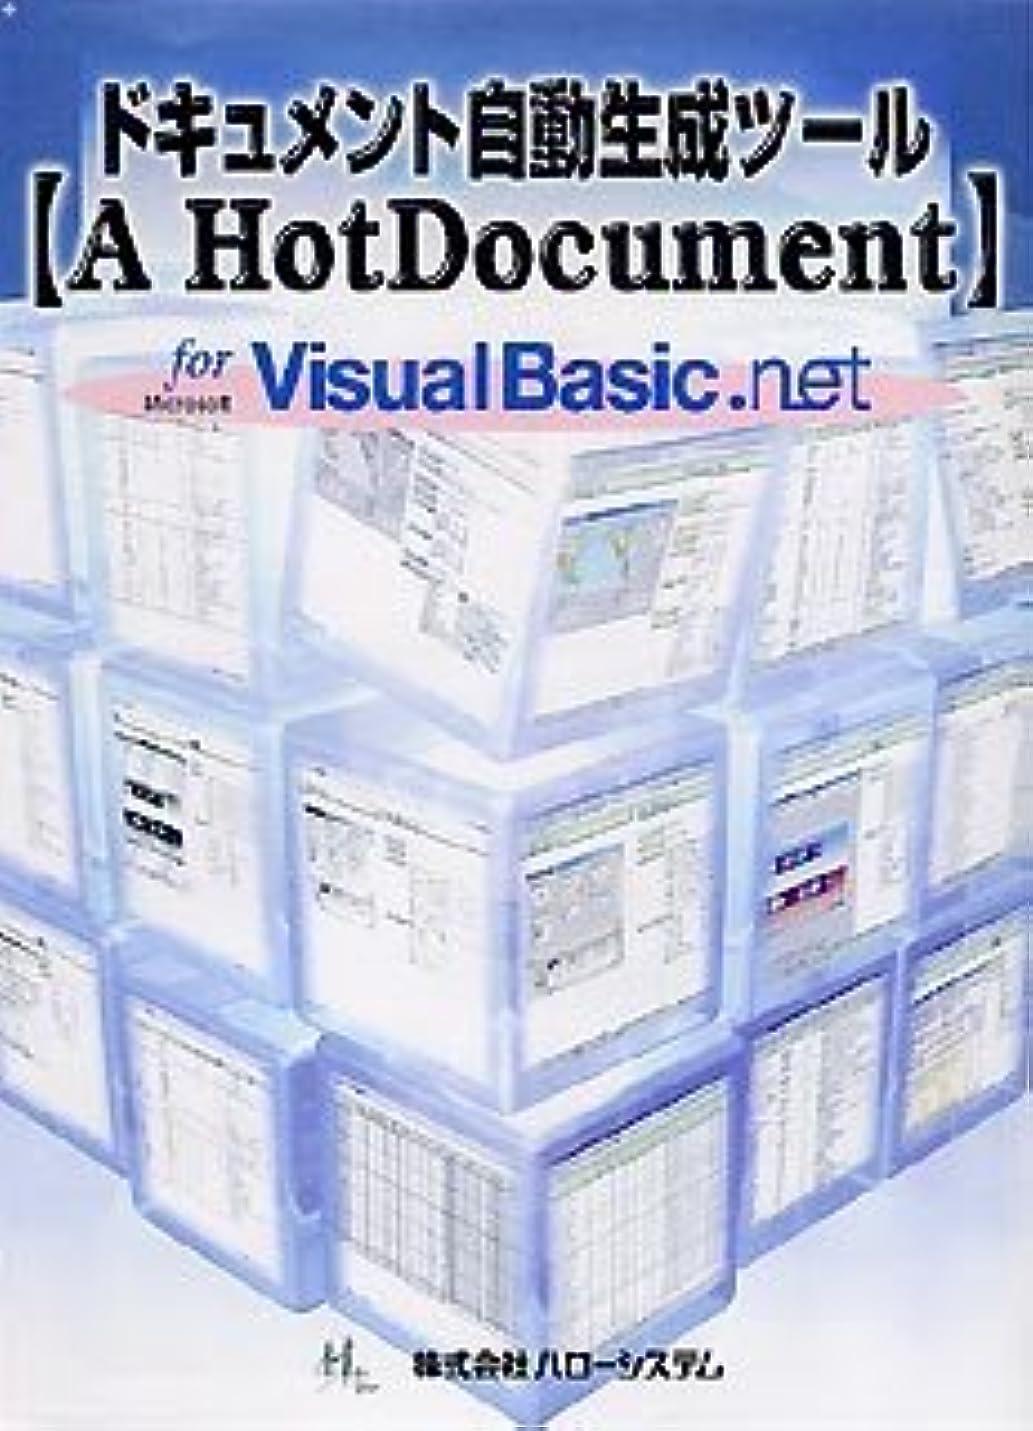 修羅場干渉貼り直すA HotDocument for Microsoft Visual Basic .net